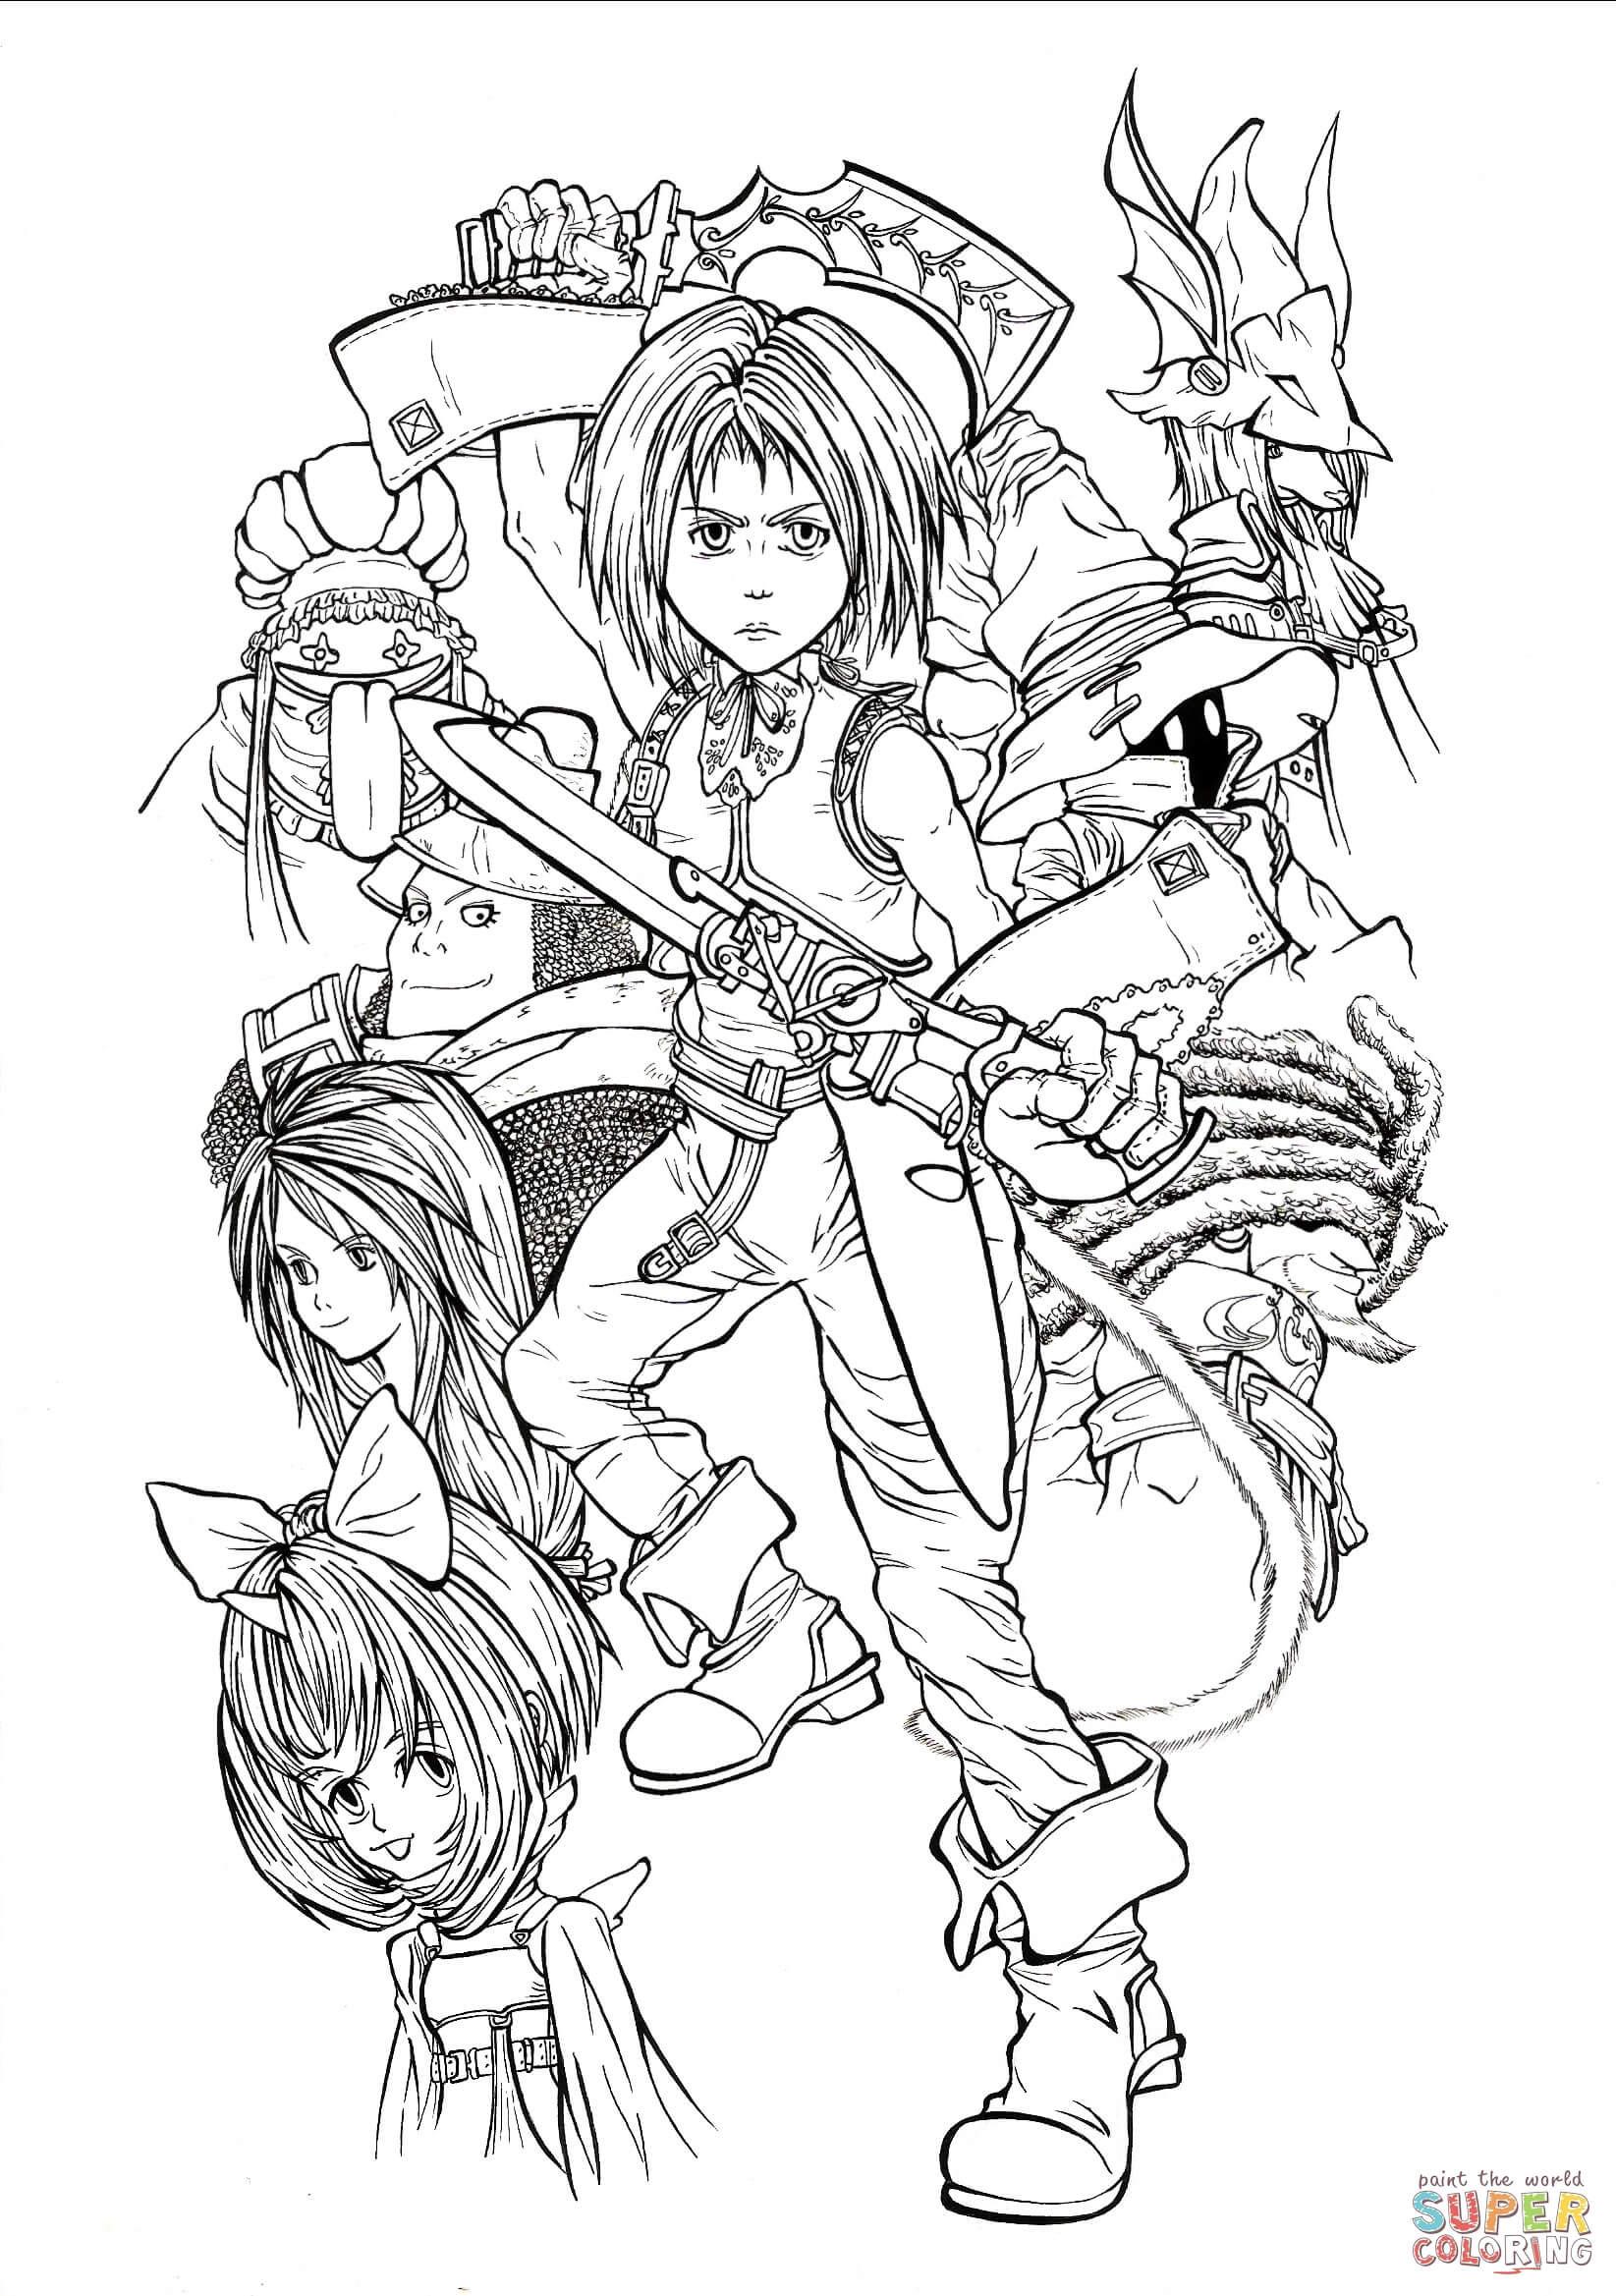 Fantasy Ausmalbilder  Ausmalbild Vollzeit spielbare Charaktere aus Final